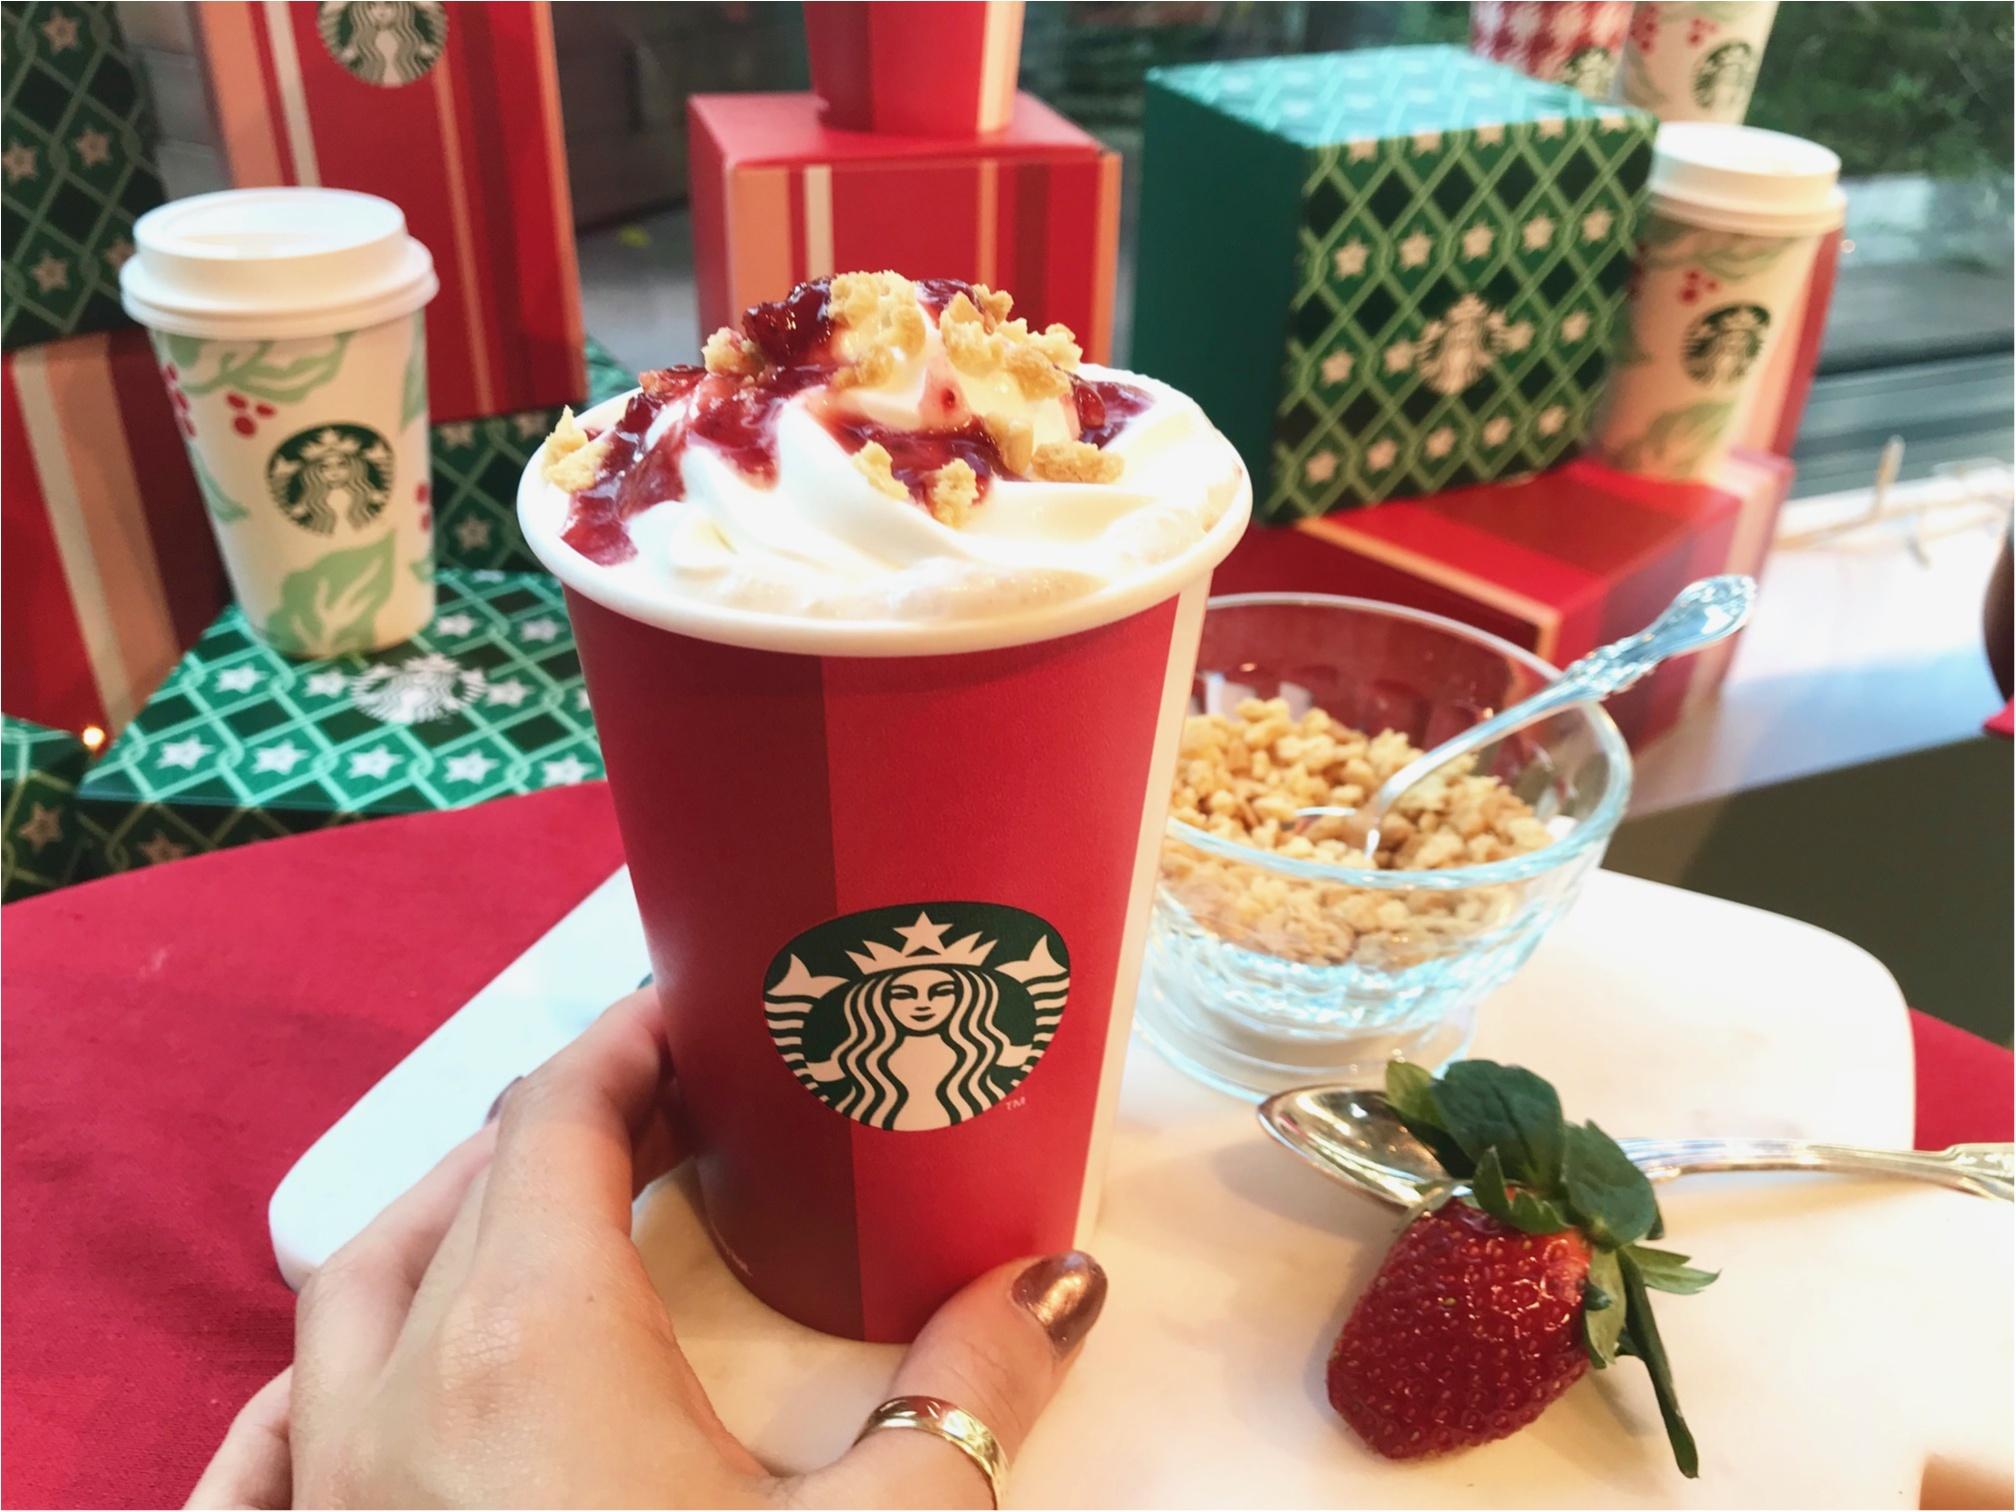 スタバ【新作試飲レポ】! 「クリスマス ストロベリー ケーキ フラペチーノ」他で、高まるクリスマス気分♡_3